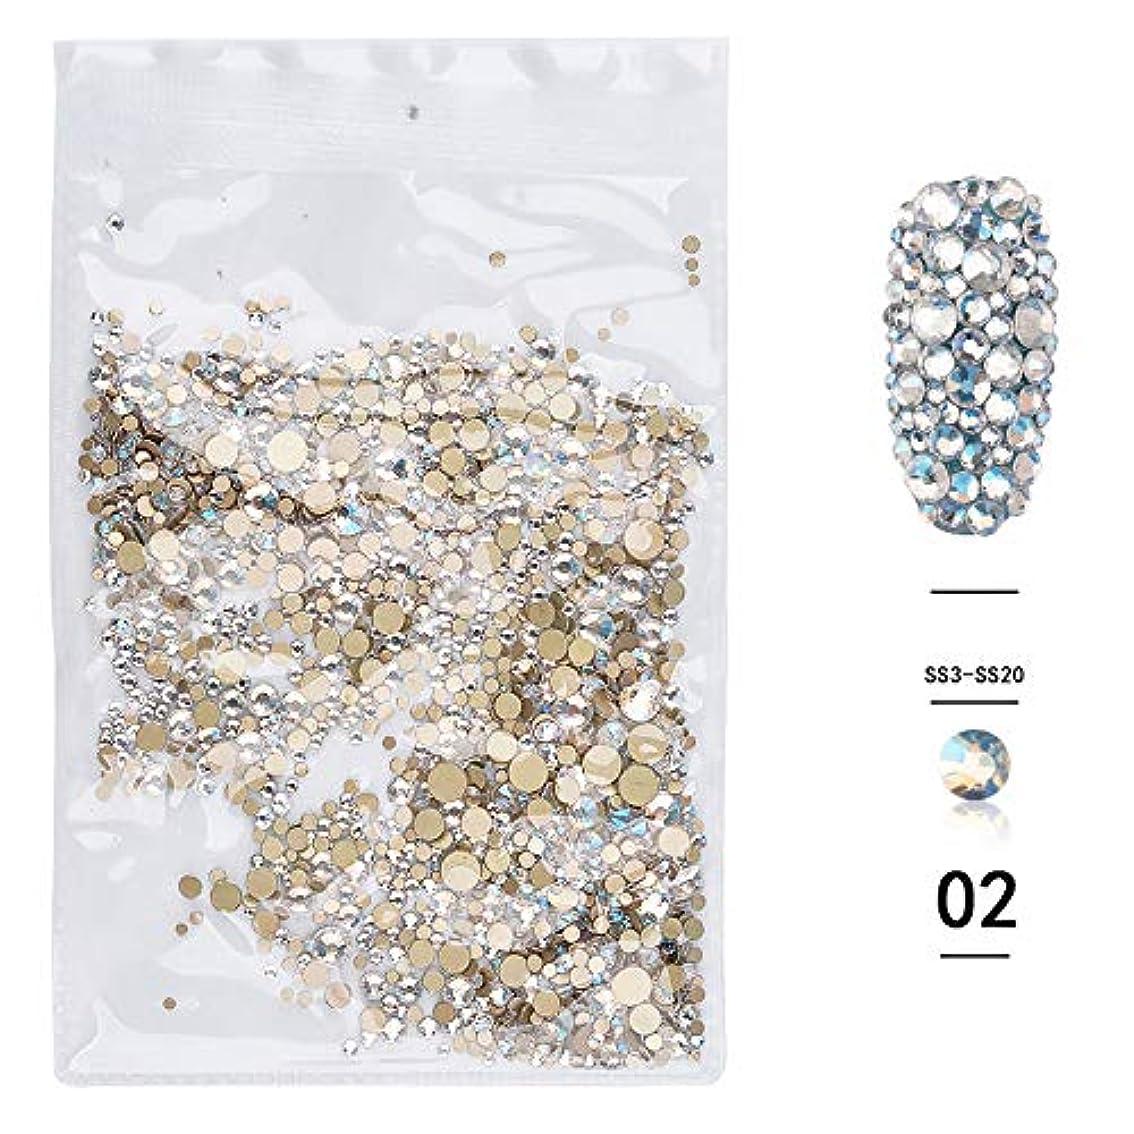 クリークに向かってタヒチ(1440pcsのパック)ネイルアートラインストーン3DデコレーションフラットボトムダイヤモンドシャイニーABクリスタル混合サイズDIYアクセサリー